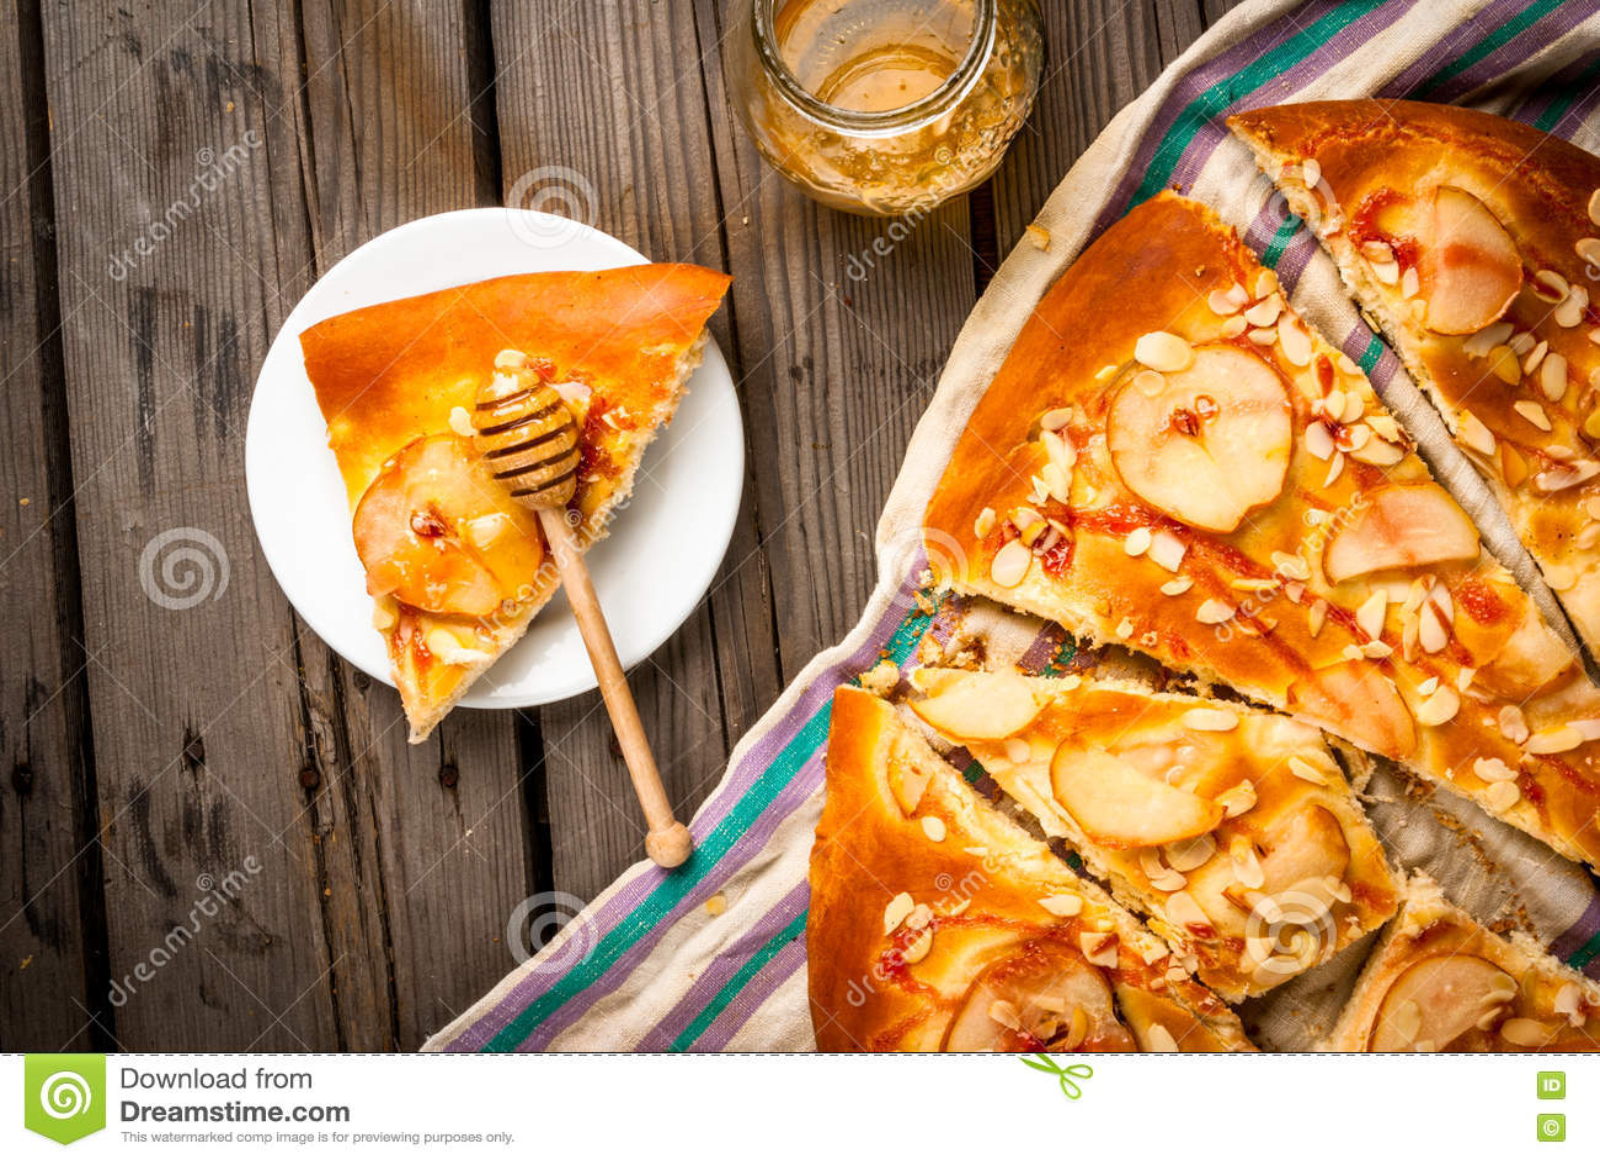 Torta Del Focaccia De La Fruta Con Las Peras Y Las Almendras Foto de archivo